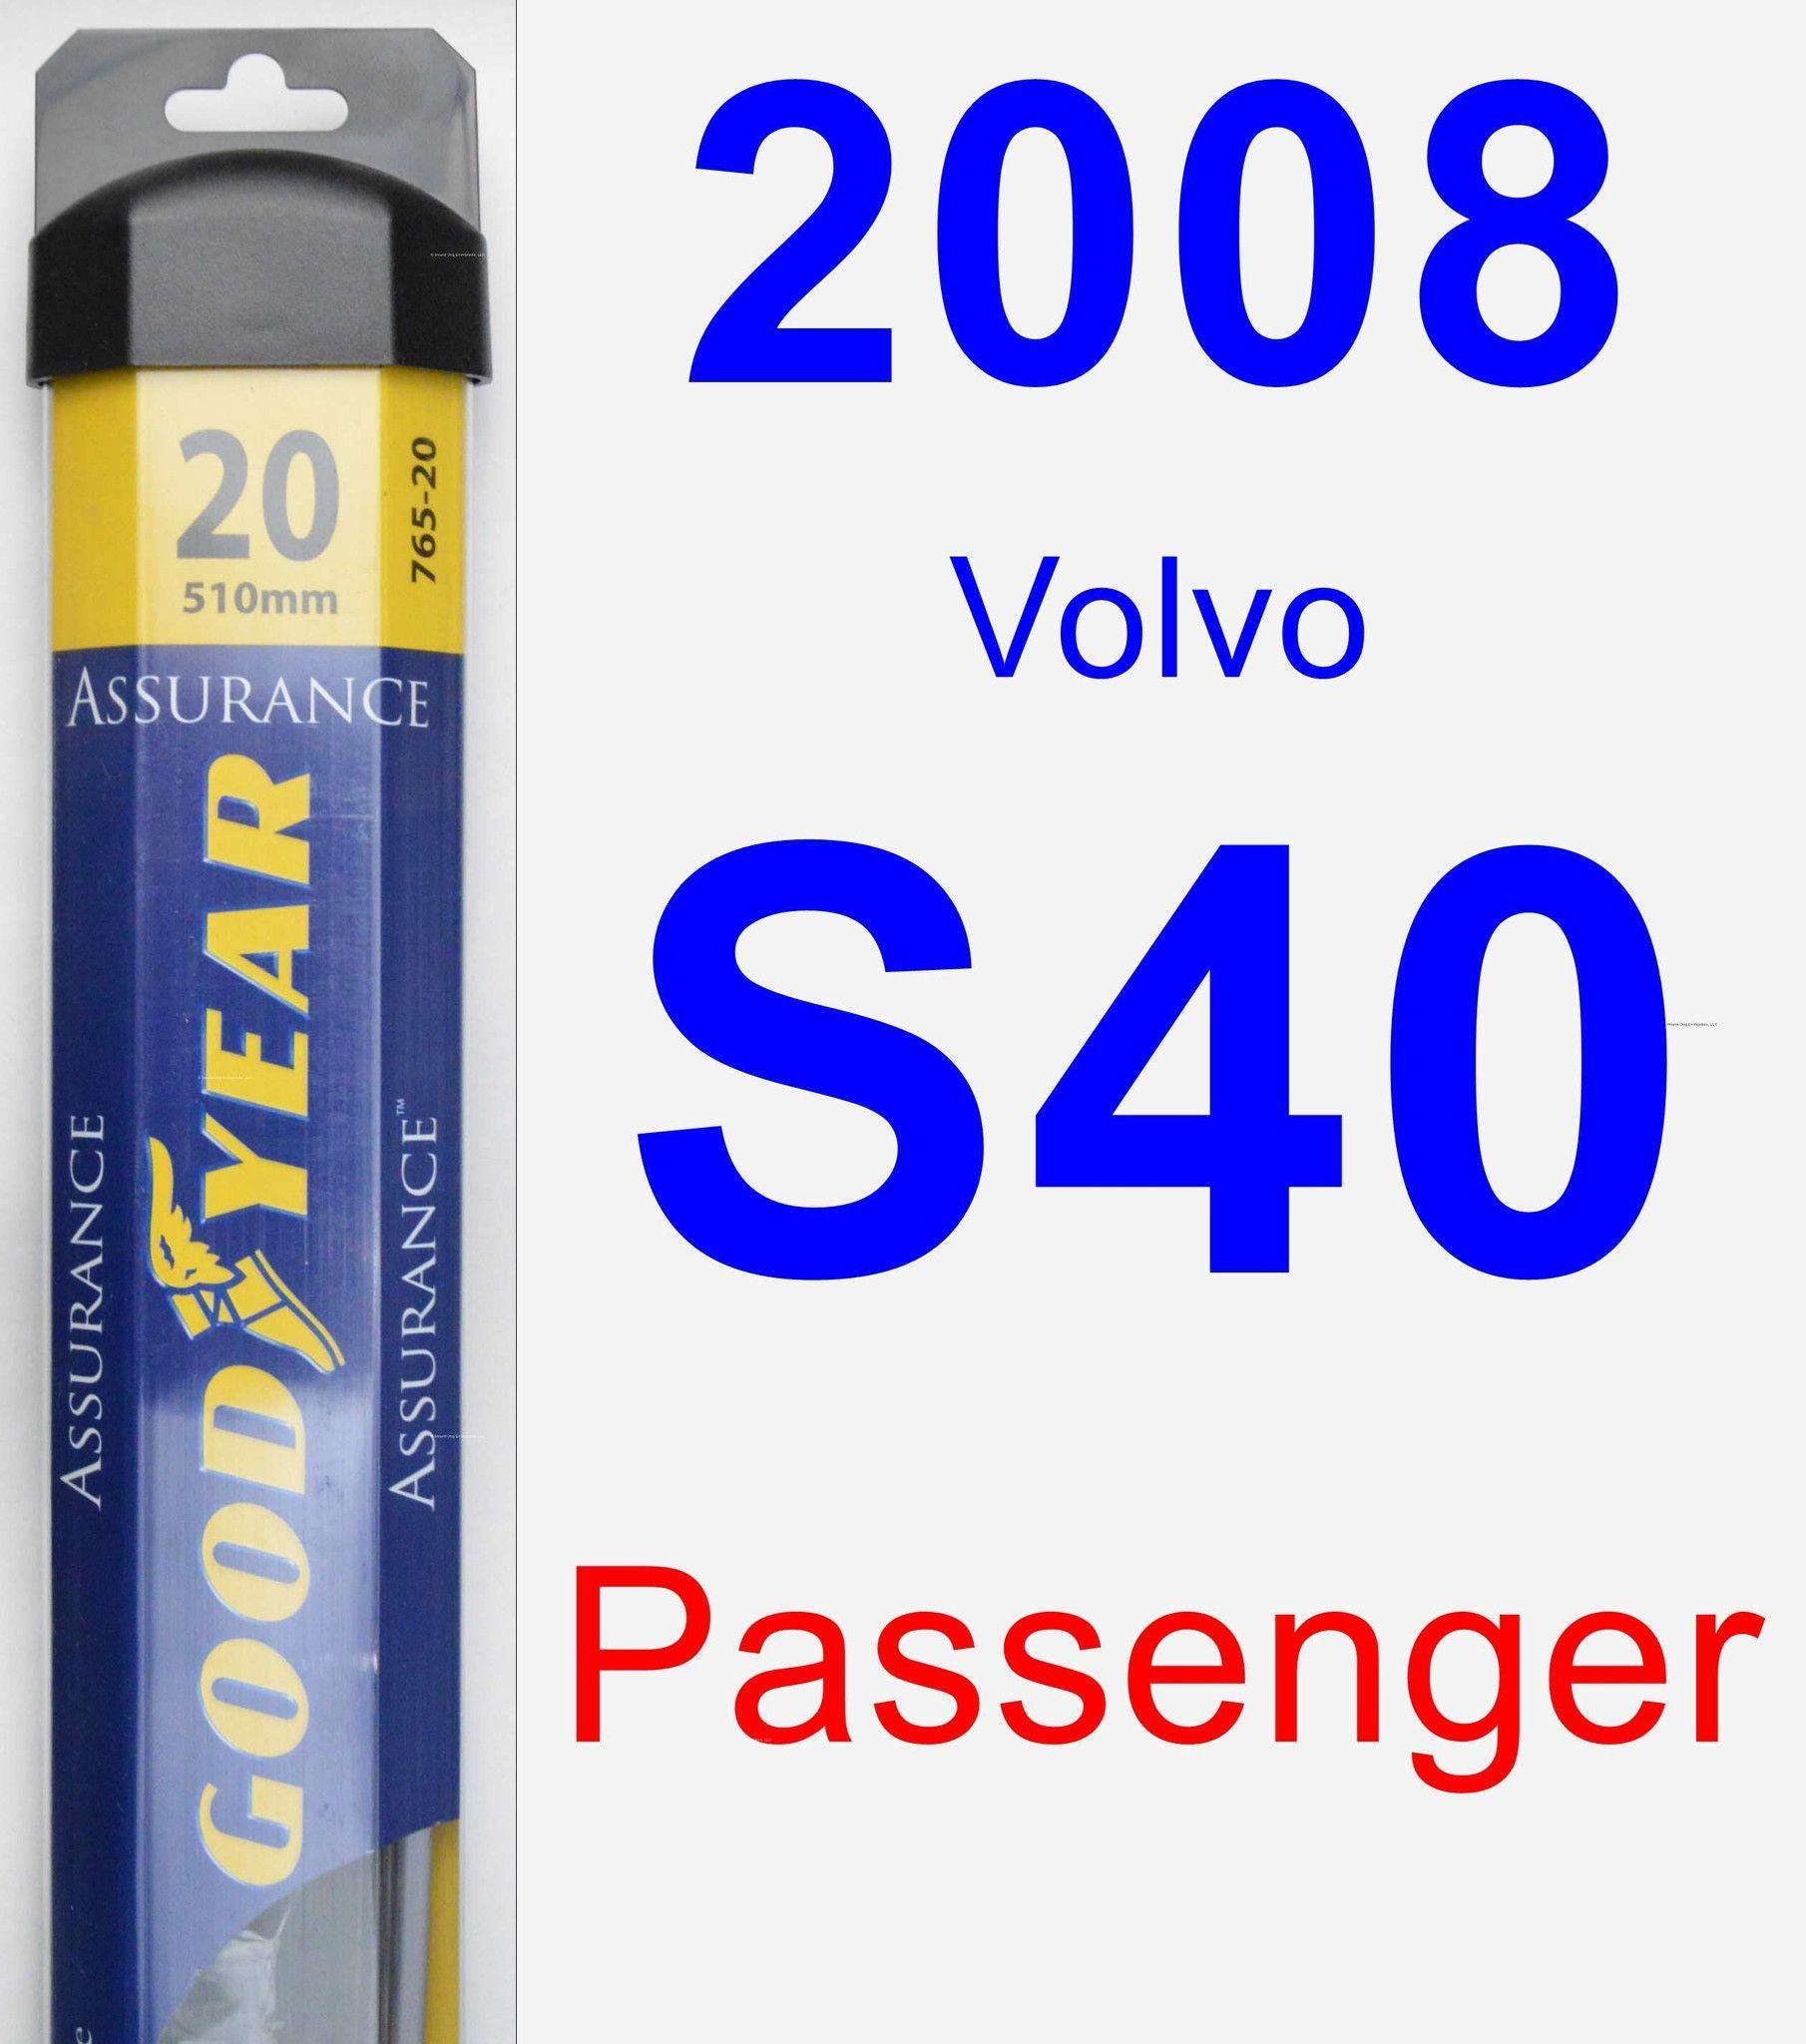 Passenger Wiper Blade for 2008 Volvo S40 - Assurance